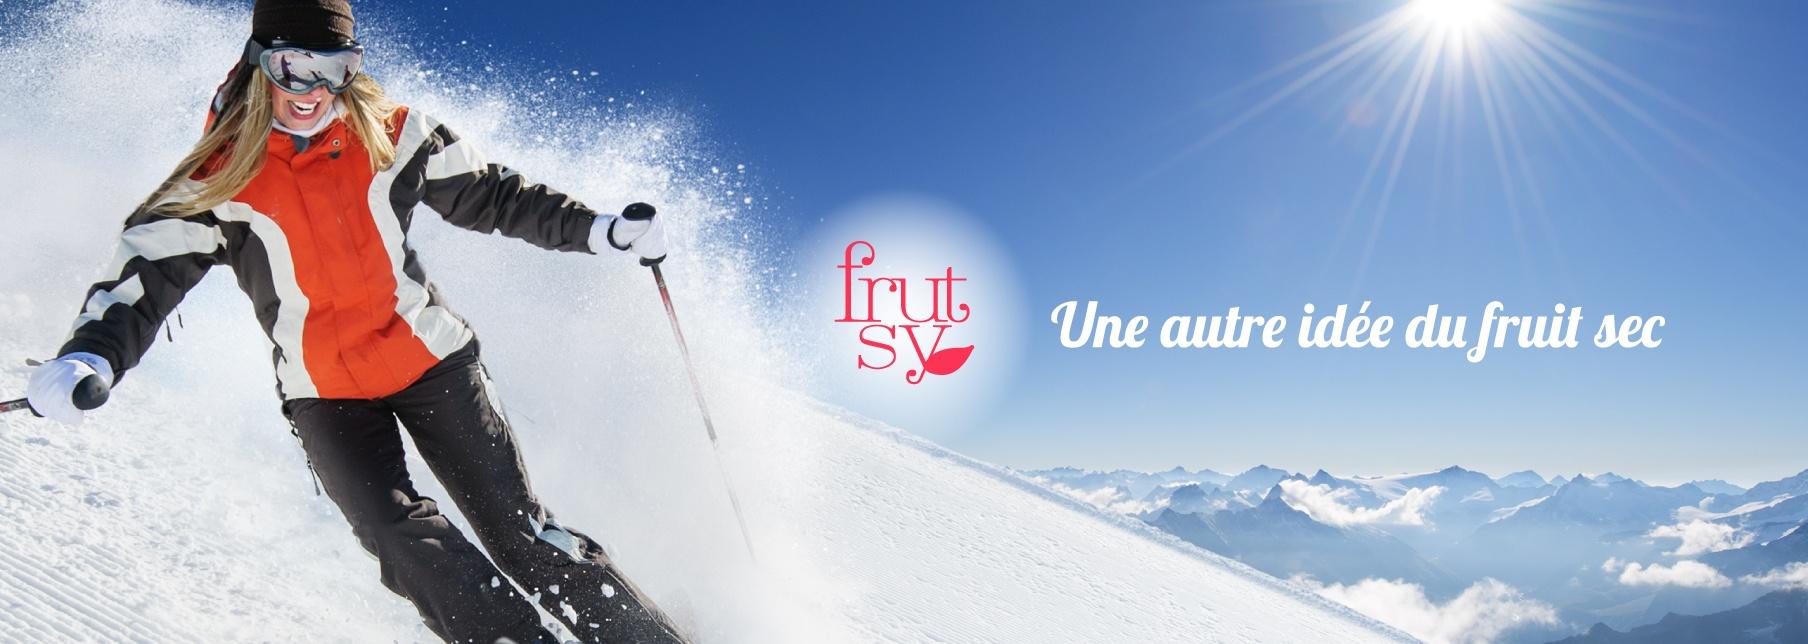 https://www.frutsy.fr/wp-content/uploads/2020/09/une-autre-idee-du-fruits-secs-hiver-2.jpg